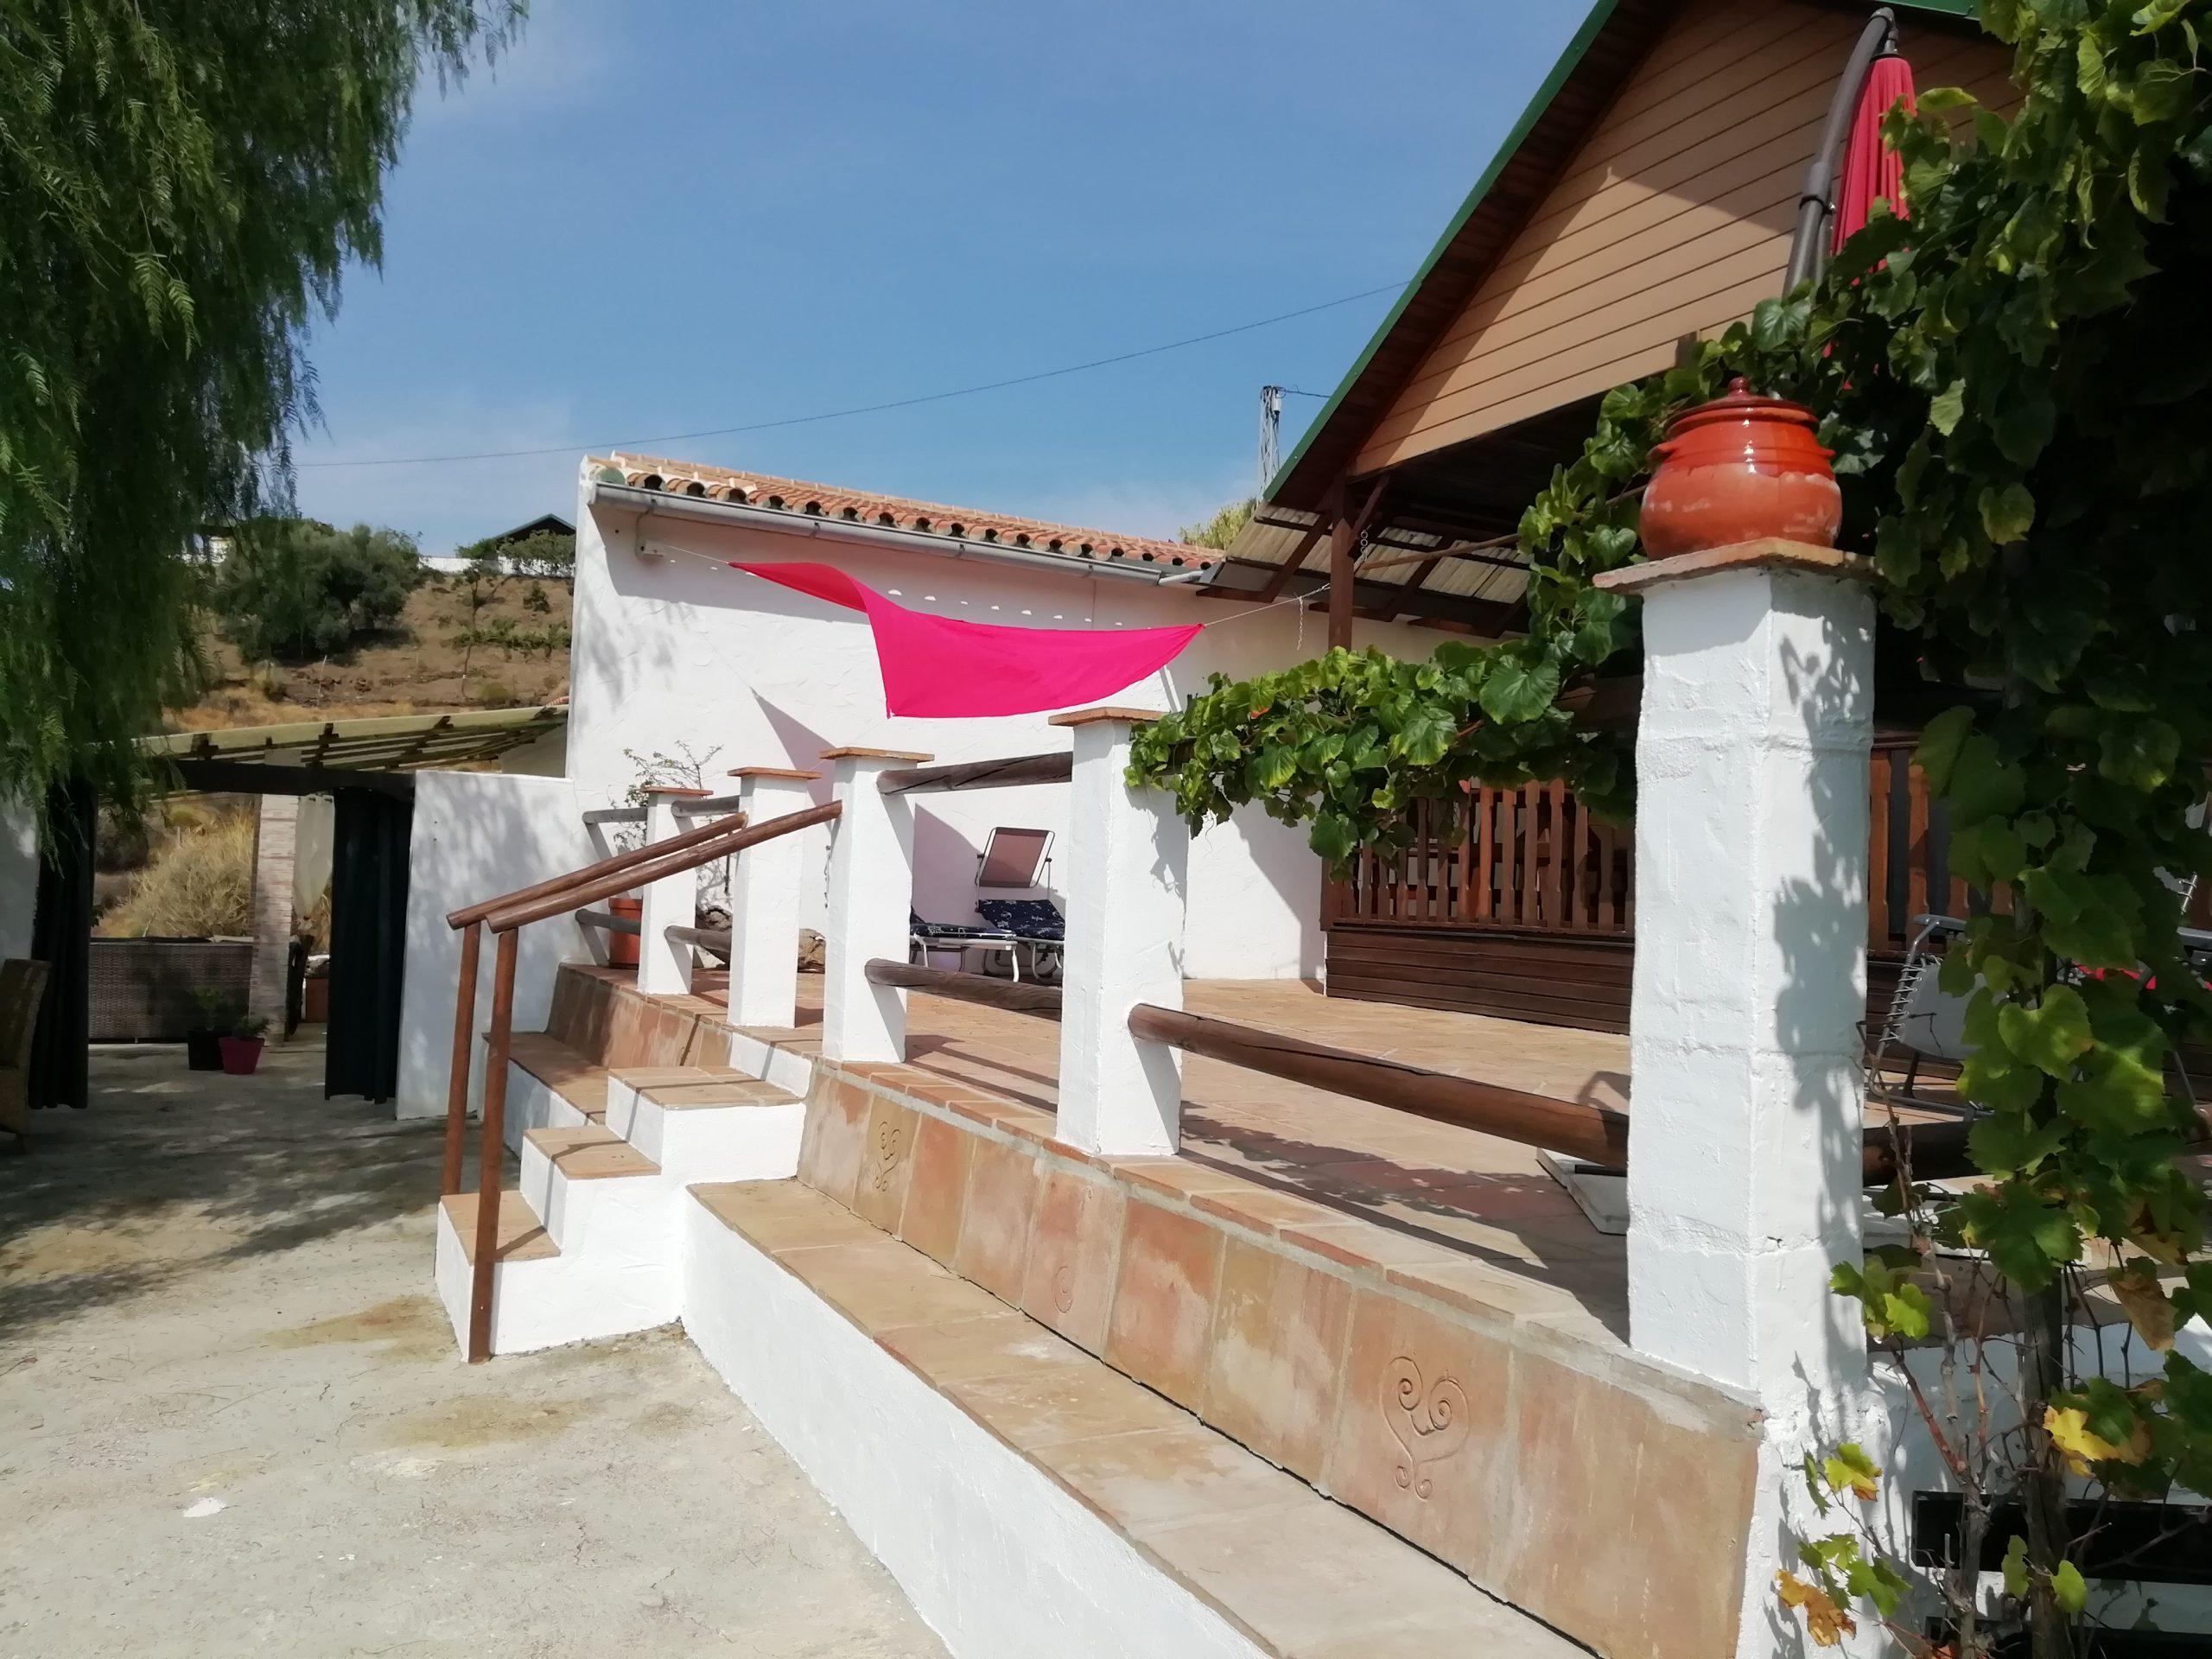 Stunning Finca Cortijo in Velez, Malaga